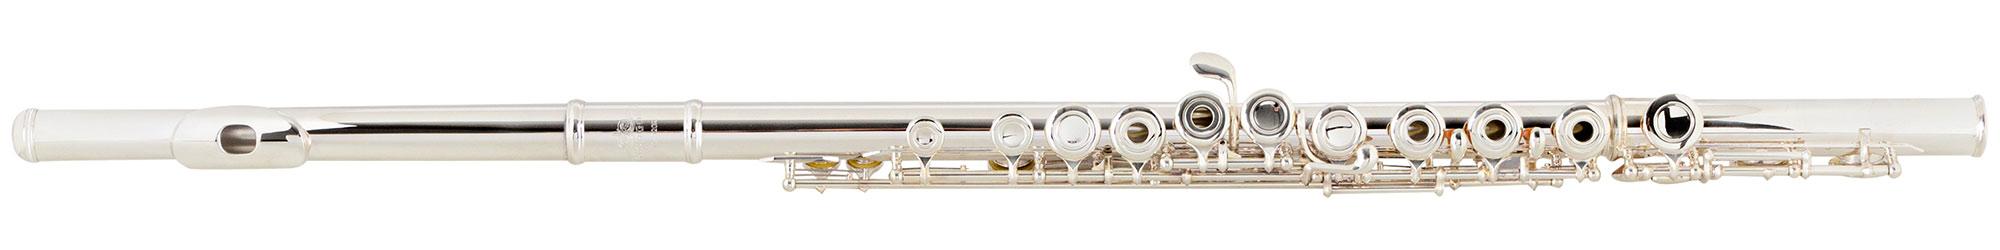 Sonstigeblasinstrumente - Lechgold FL 320R Querflöte - Onlineshop Musikhaus Kirstein